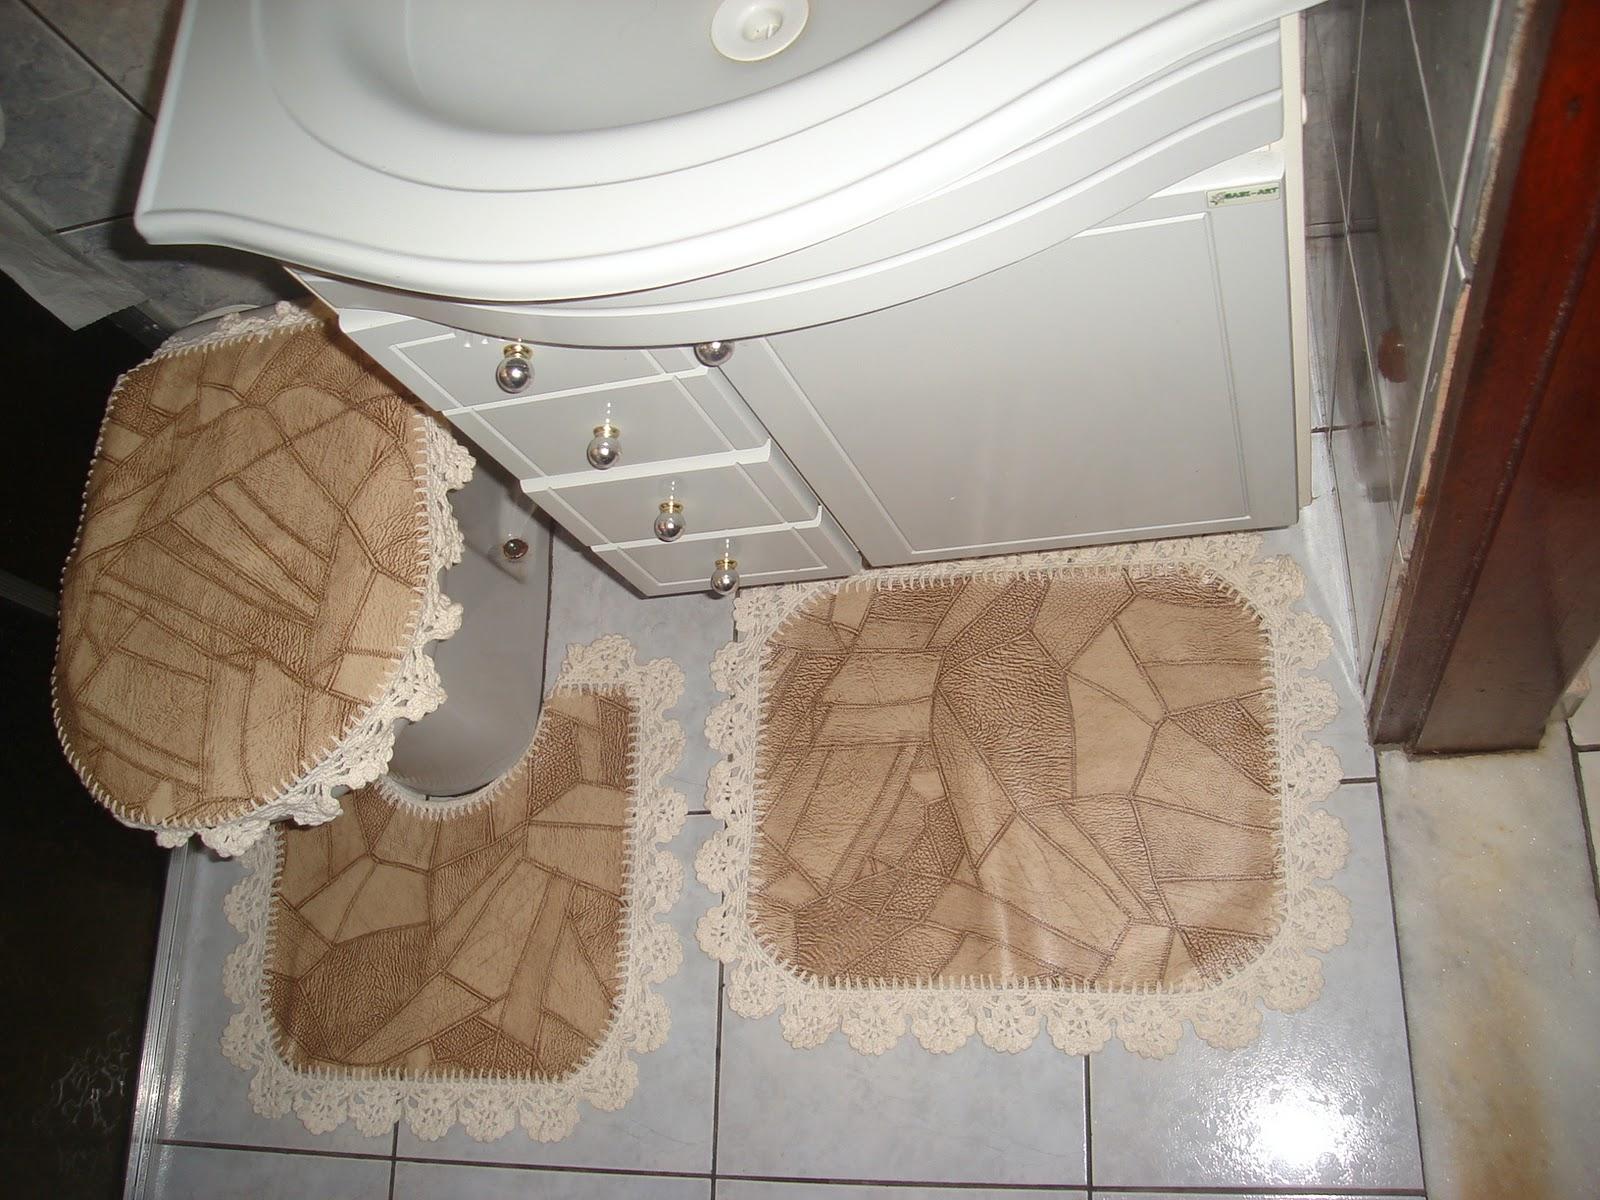 PATY PERES: Jogo de tapetes de banheiro bege com detalhe em marron . #634834 1600x1200 Banheiro Bege Com Verde